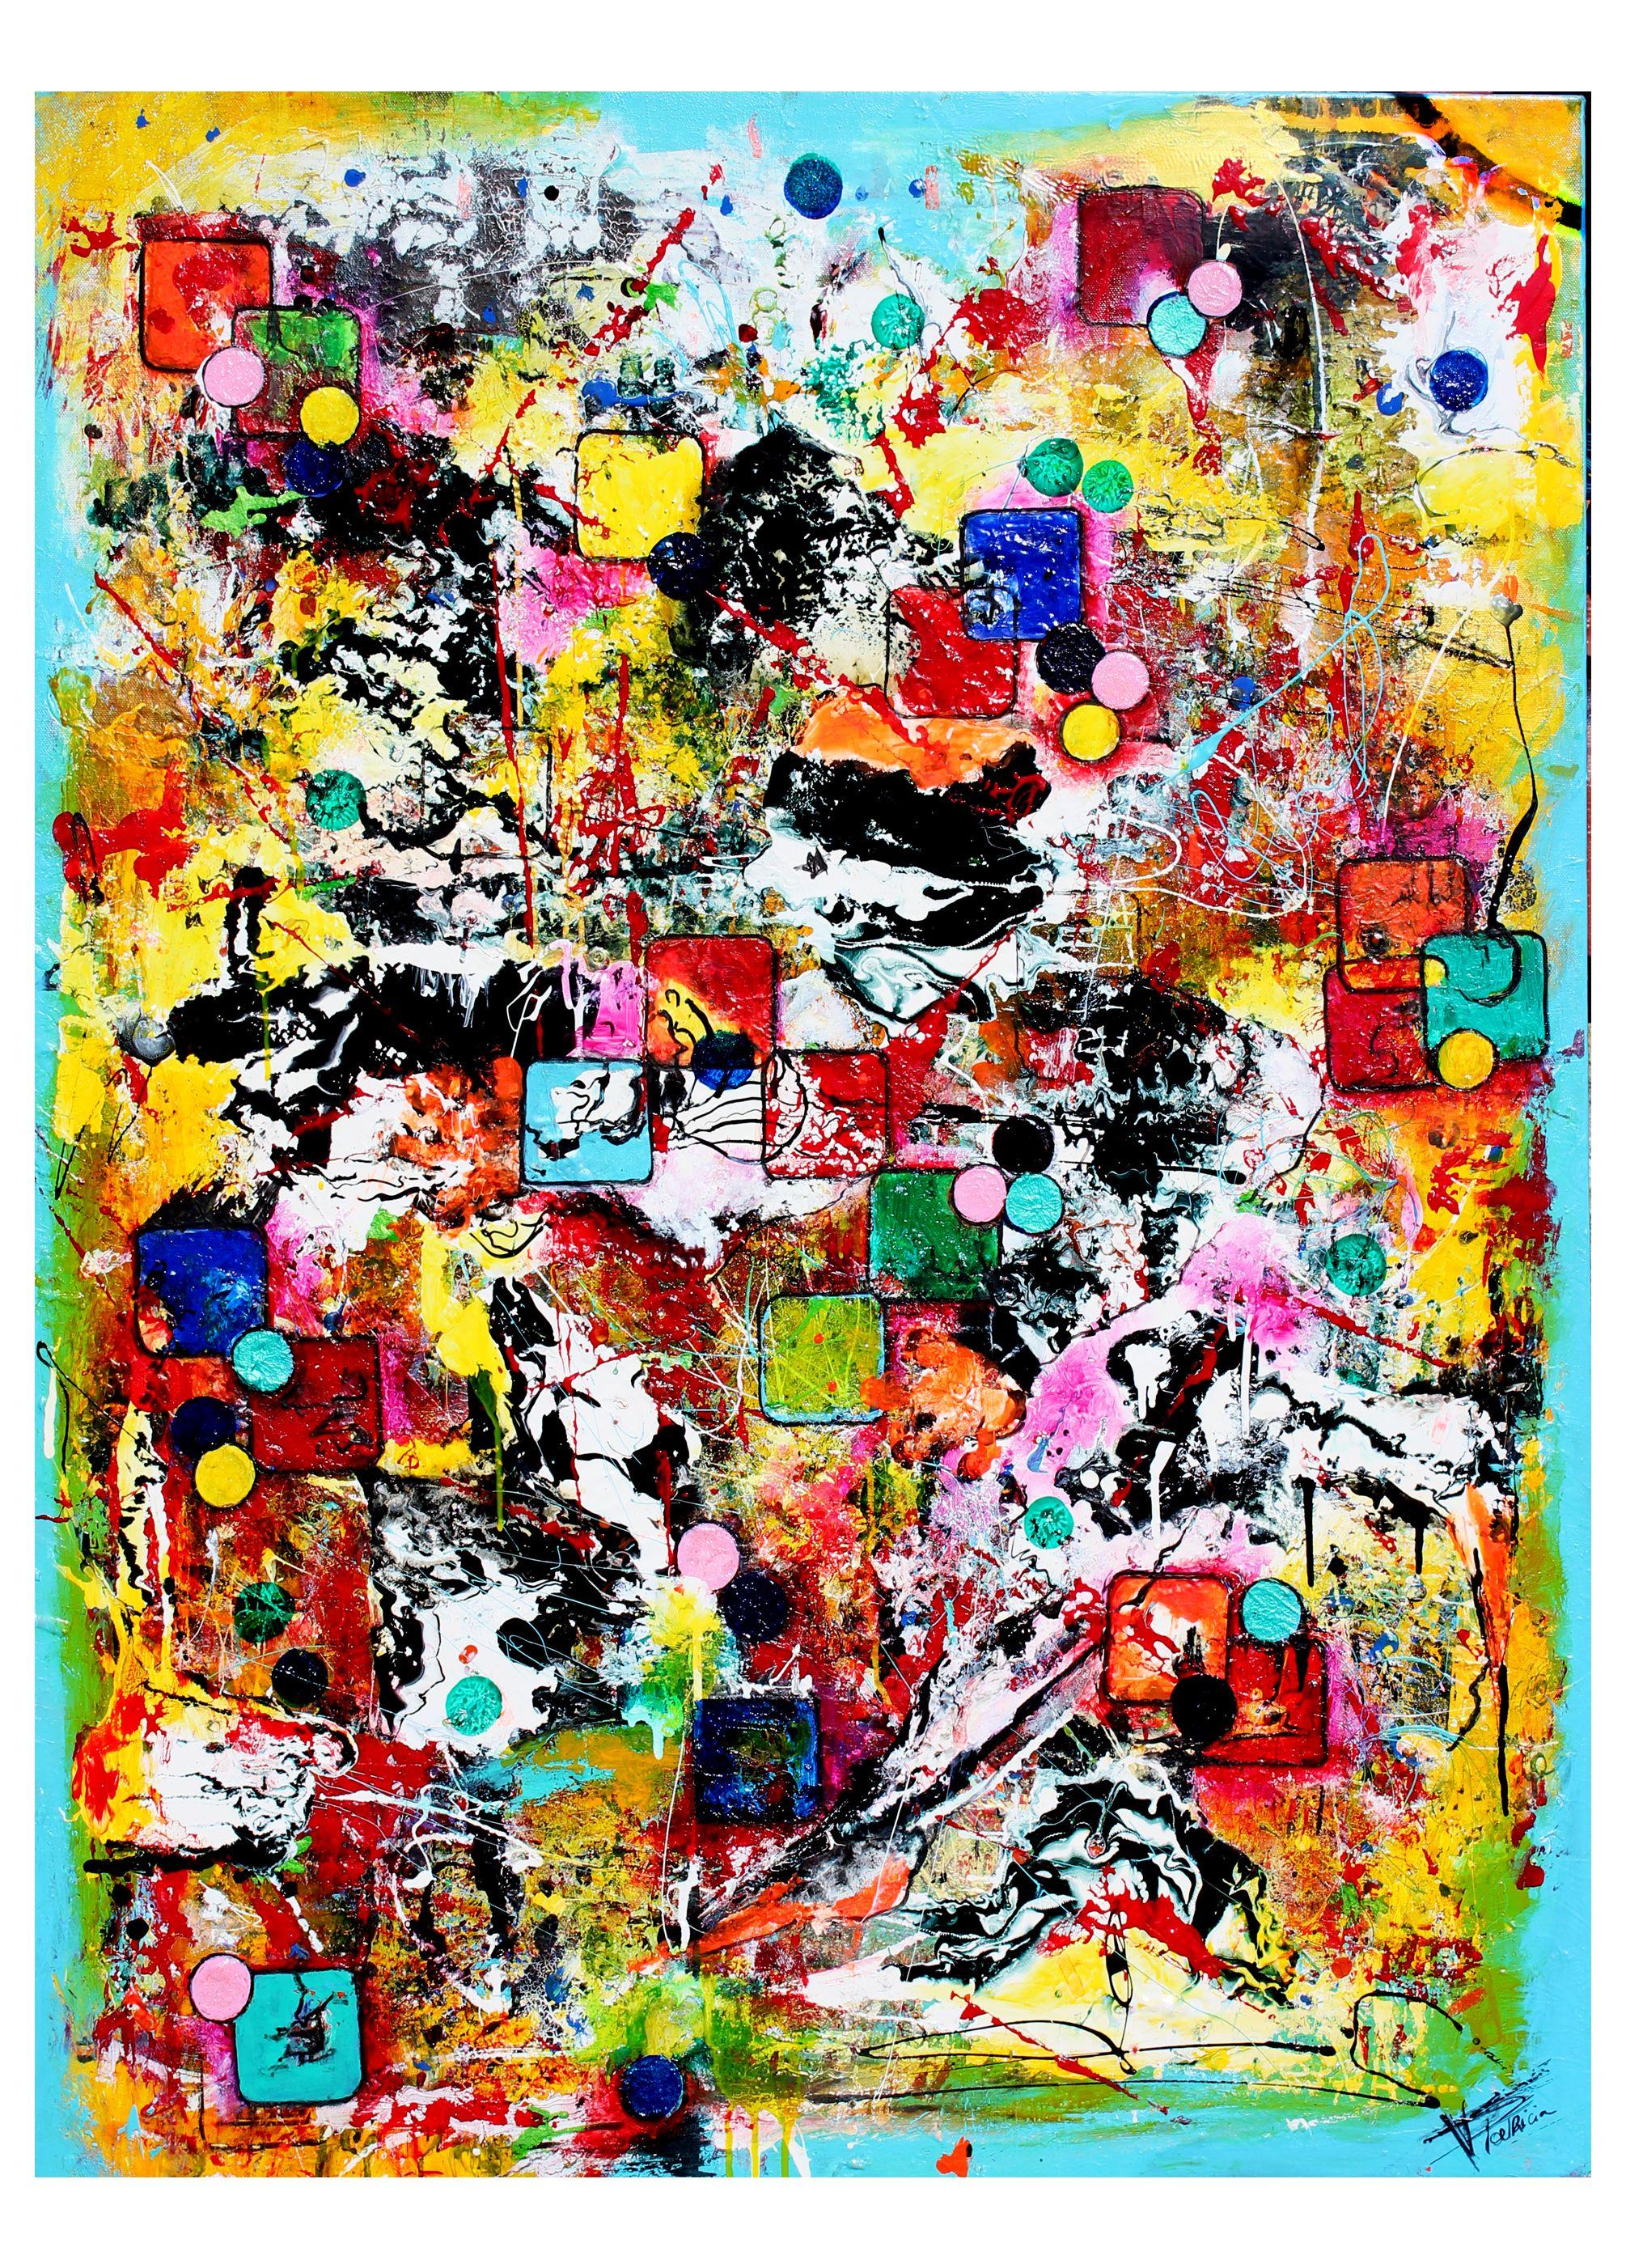 Peinture, Art Abstrait, Technique Bombe, Acrylique, Glycero U0026 Encres |  Recent Artworks | Pinterest | Artwork